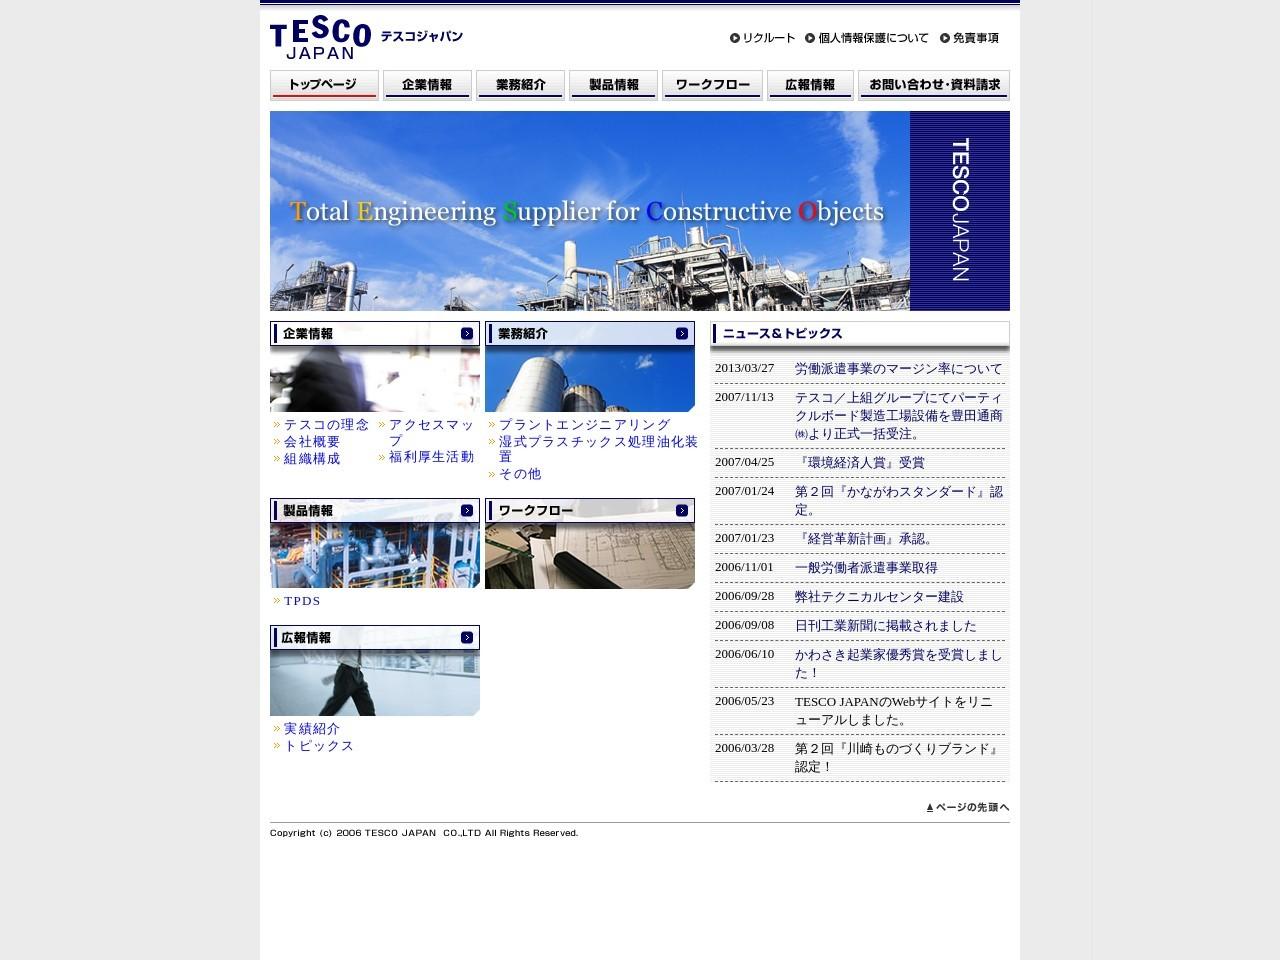 テスコジャパン株式会社